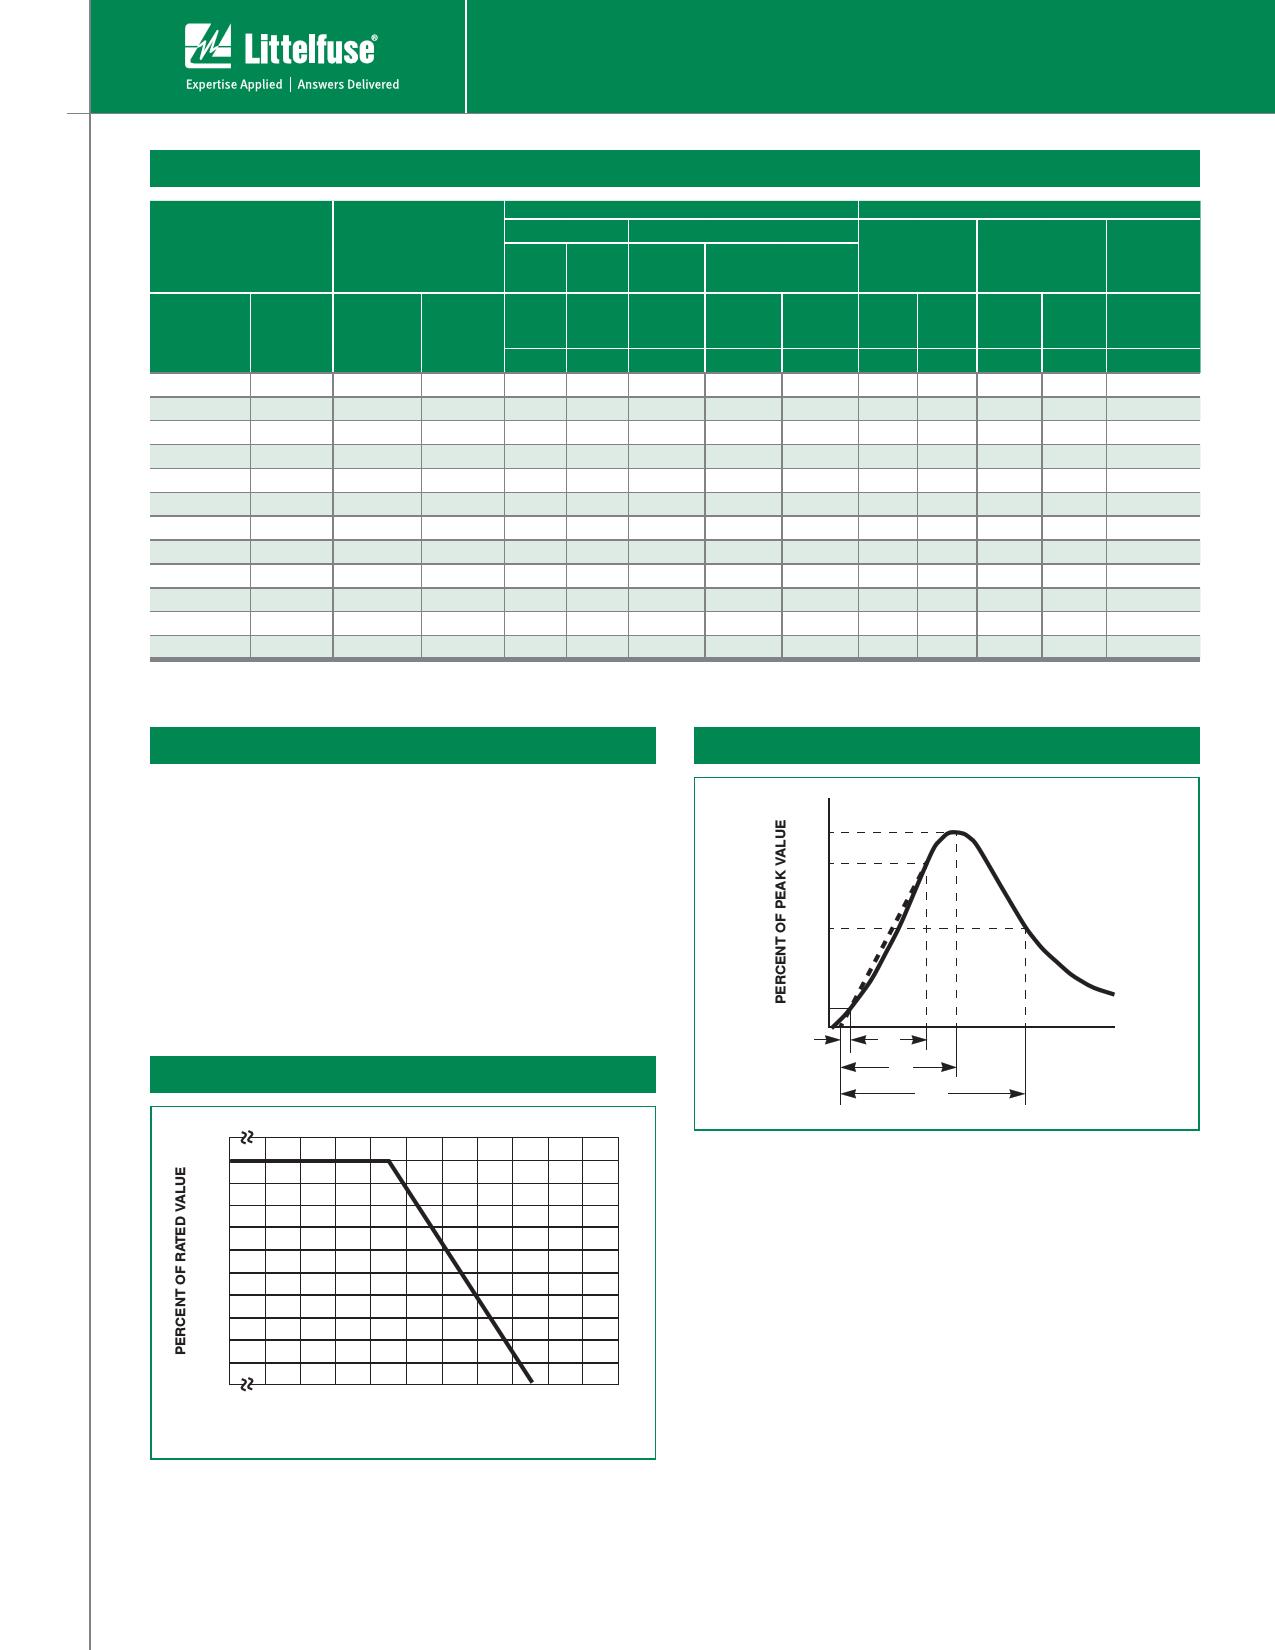 V07E320P pdf, 電子部品, 半導体, ピン配列